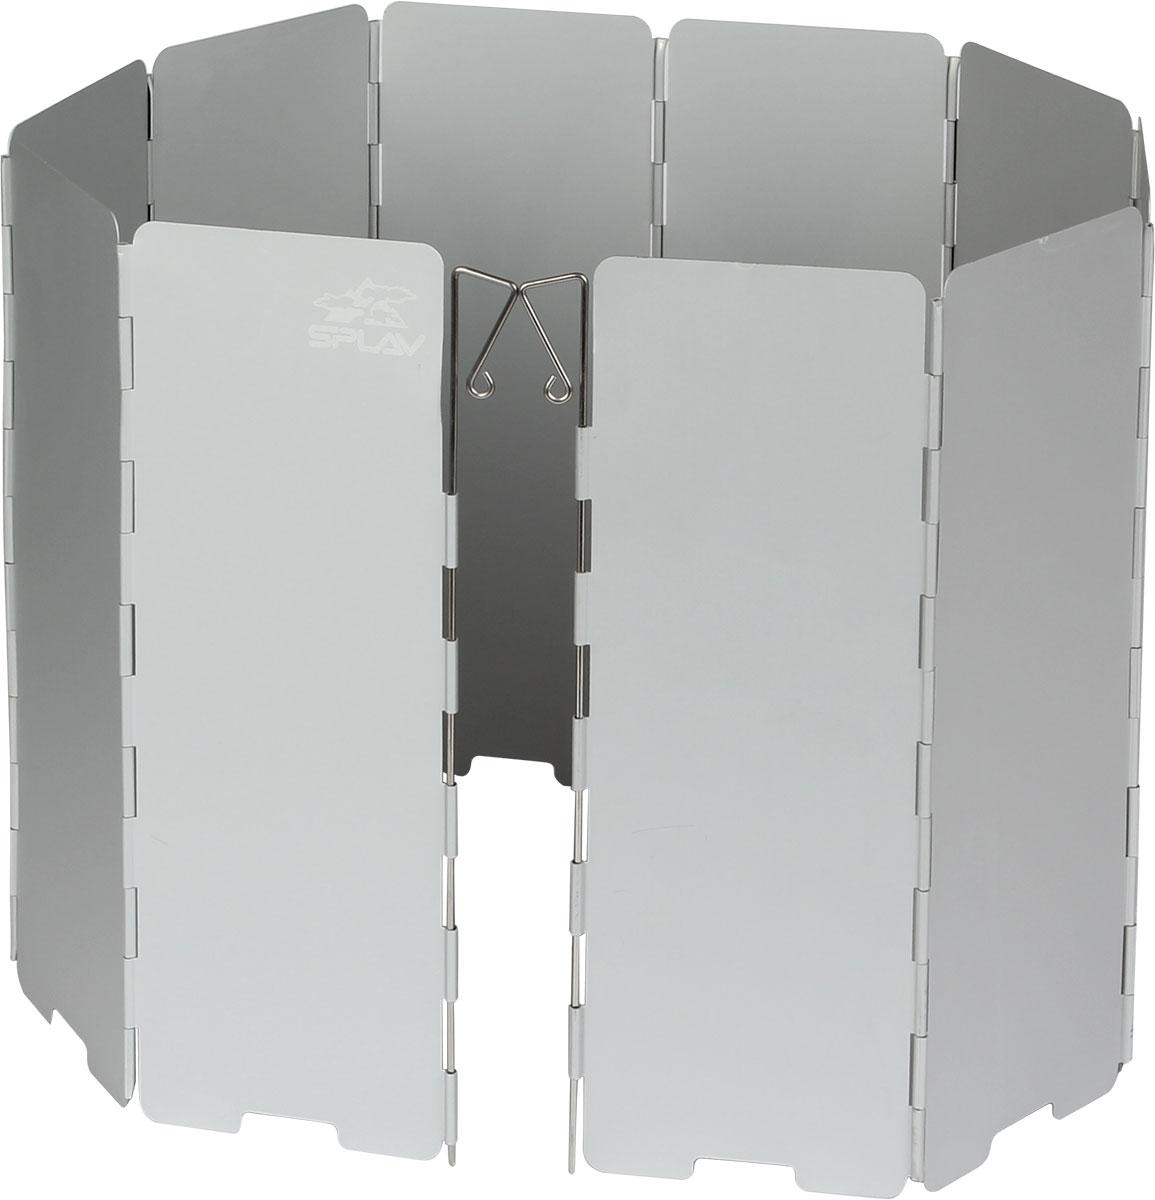 Ветрозащитный экран Сплав24492Компактный защитный экран от ветра Сохраняет тепло пламени Способствует экономии топлива Ускоряет время приготовления пищи 10 секций 845 х 240 мм Вес с чехлом: 291 г Вес без чехла: 260 г